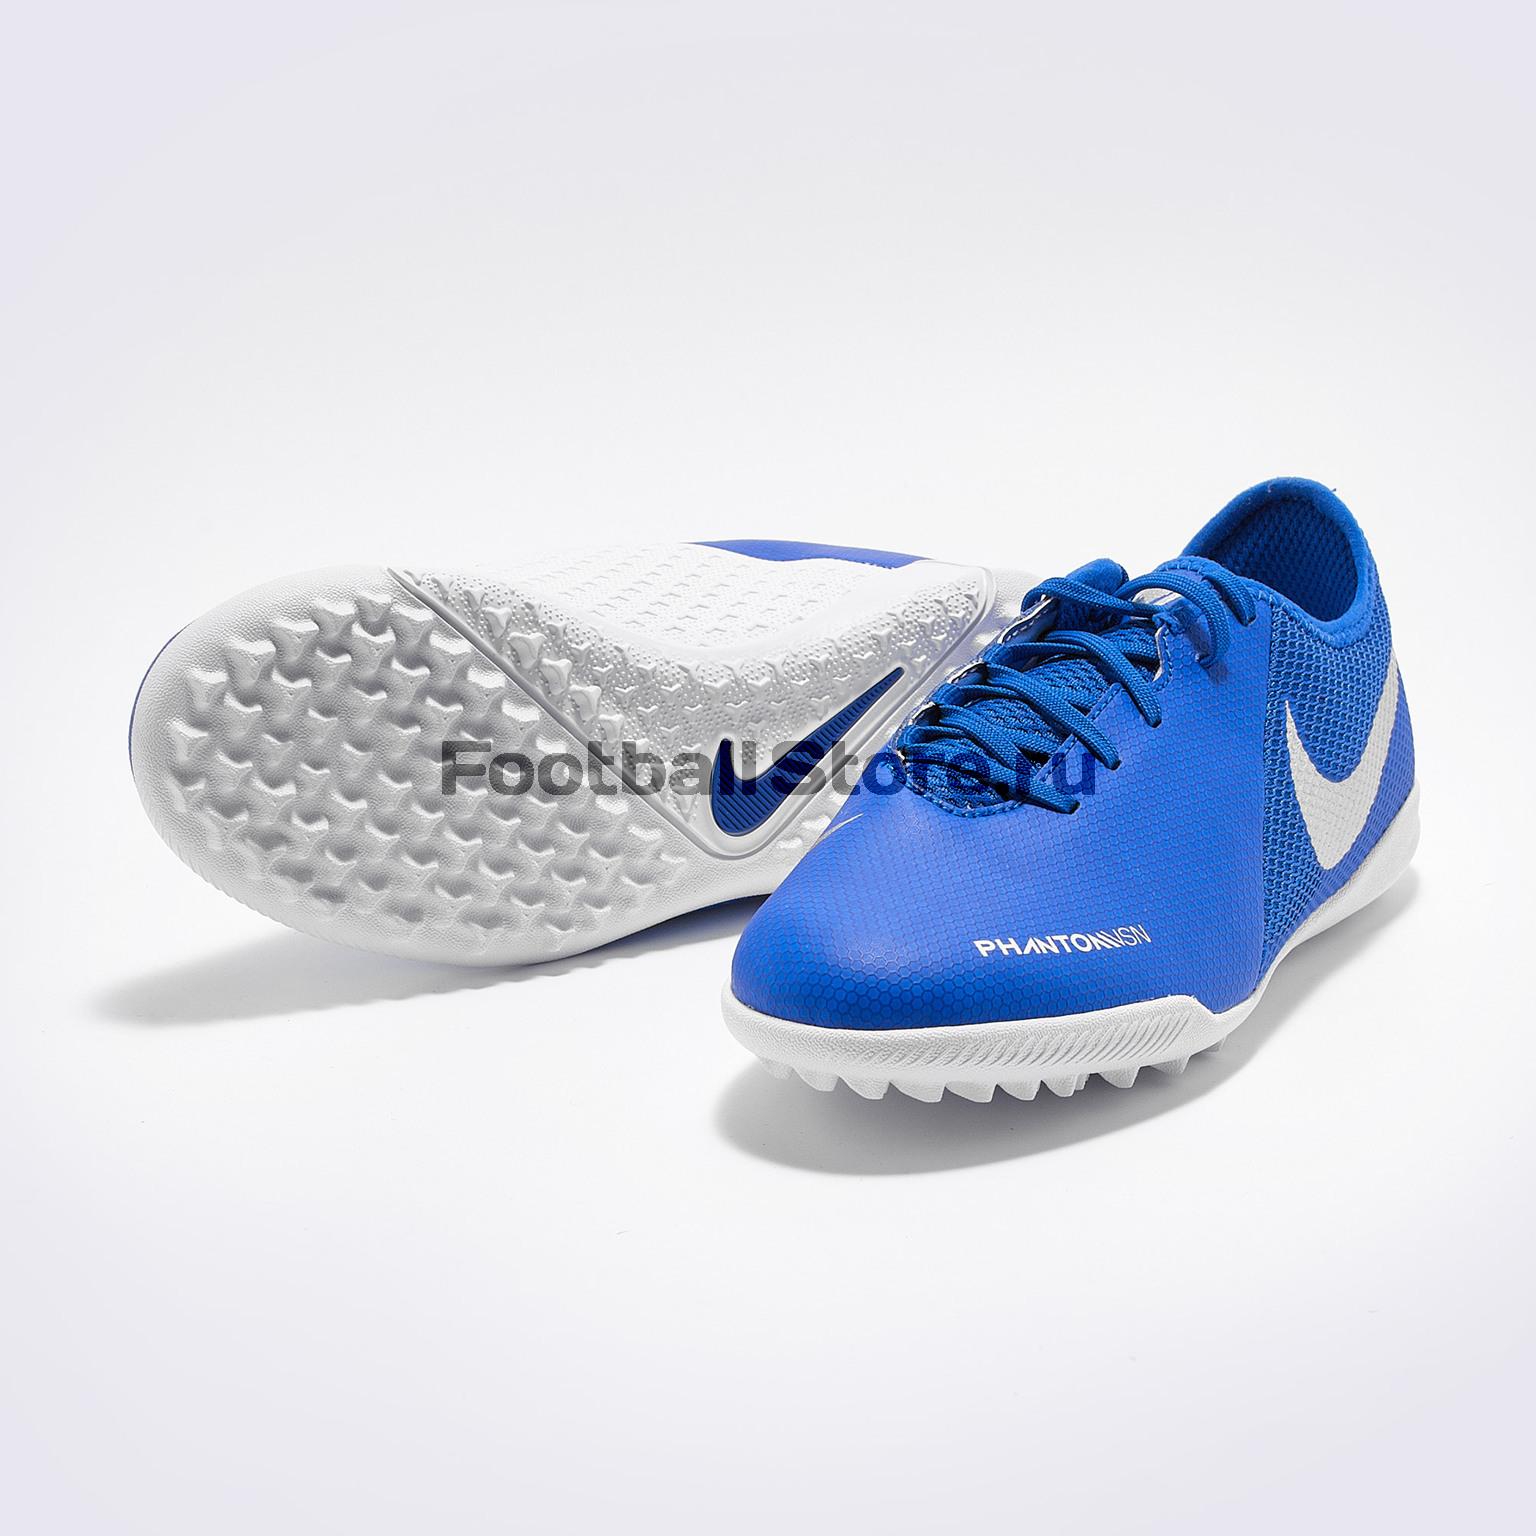 цены на Шиповки детские Nike Phantom Vision Academy TF AR4343-410  в интернет-магазинах